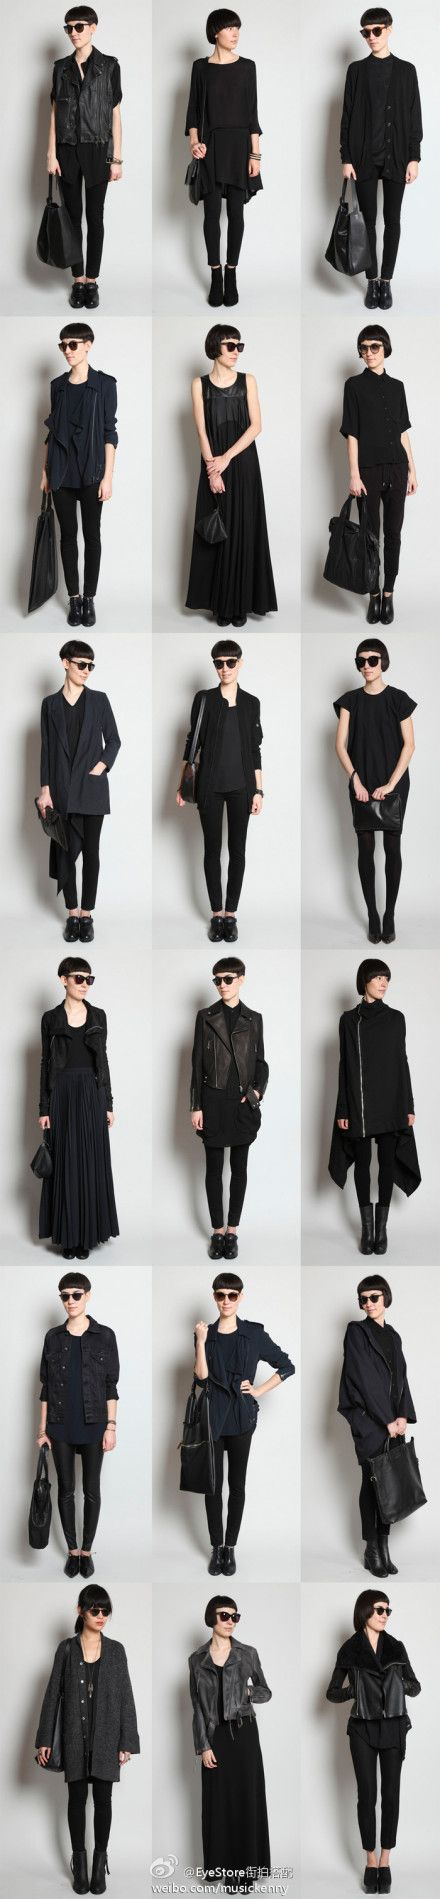 i luv black